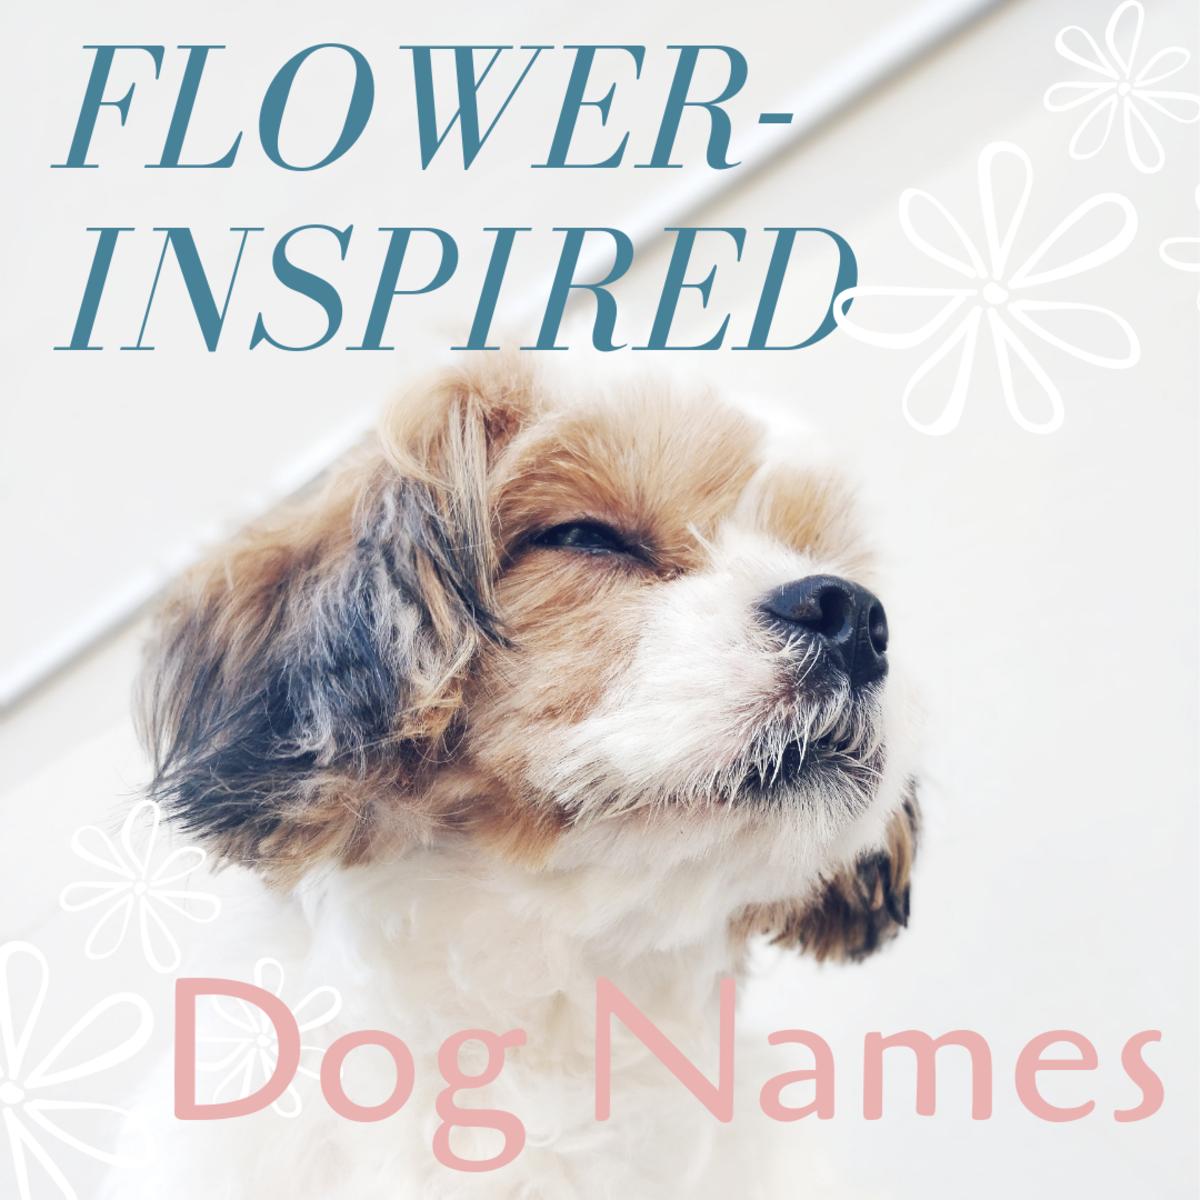 Flower-Inspired Dog Names